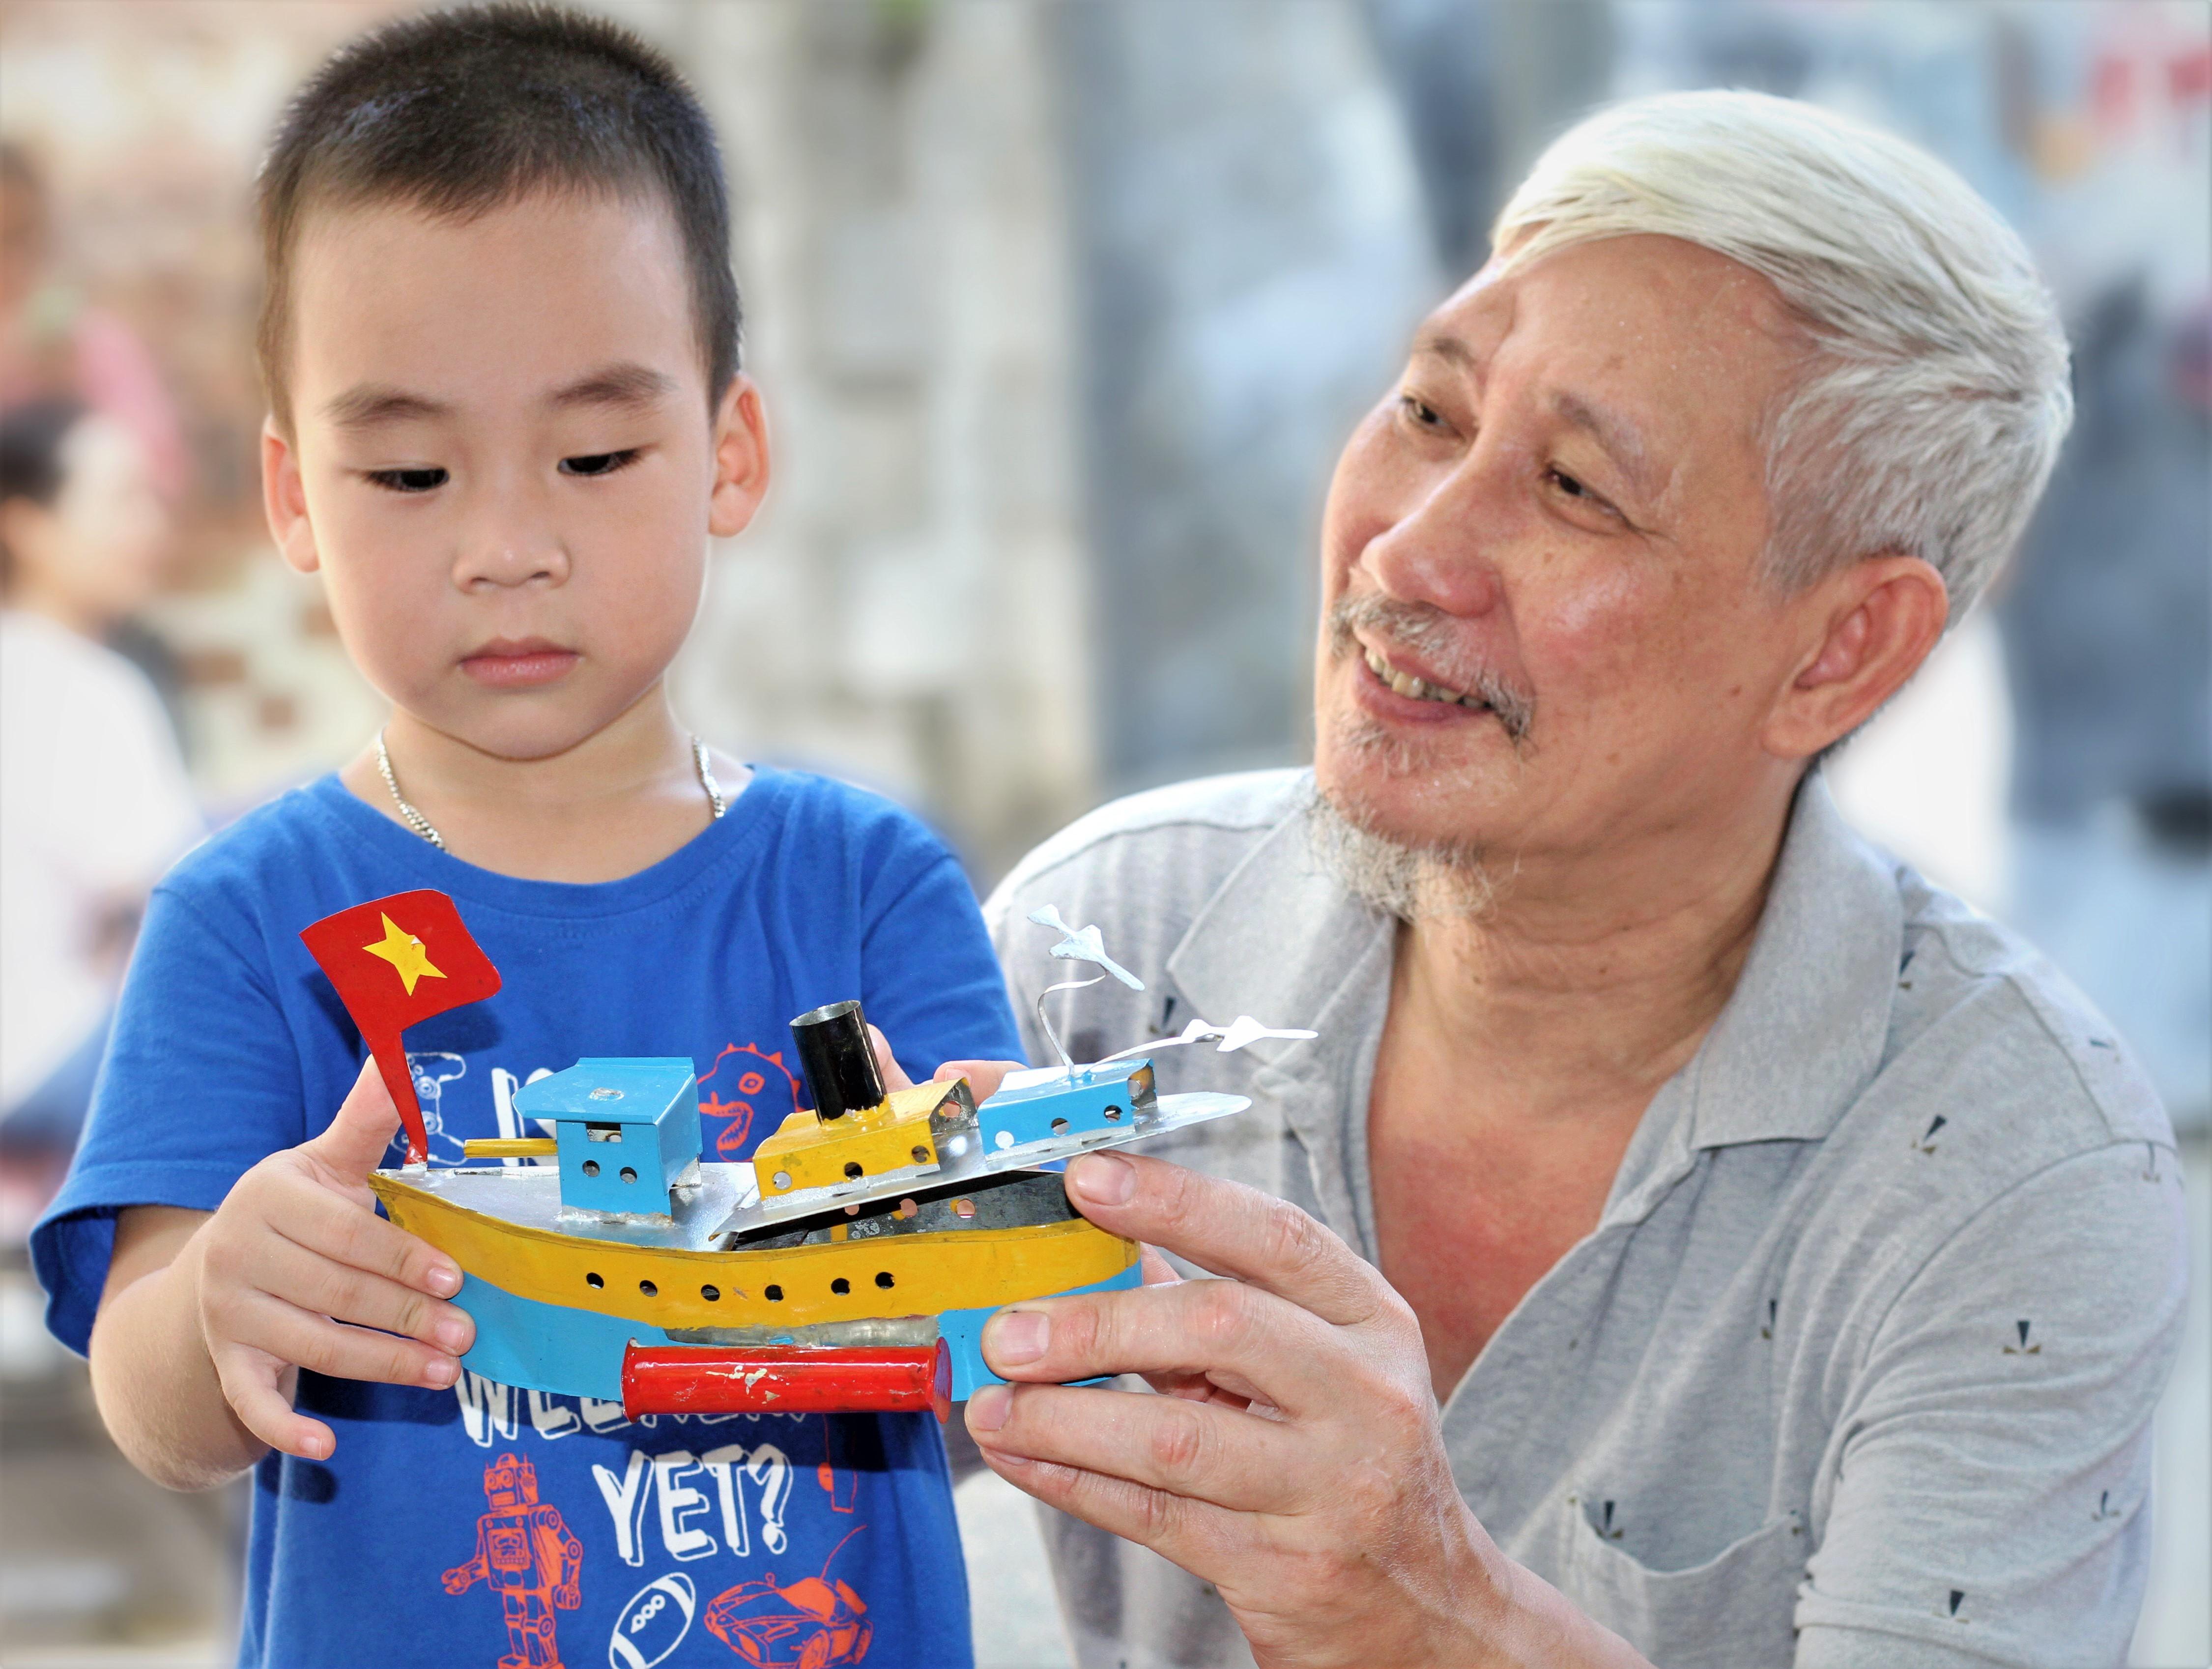 Vua tàu thủy Khương Hạ: 40 năm niềm đam mê từ sắt vụn - Ảnh 3